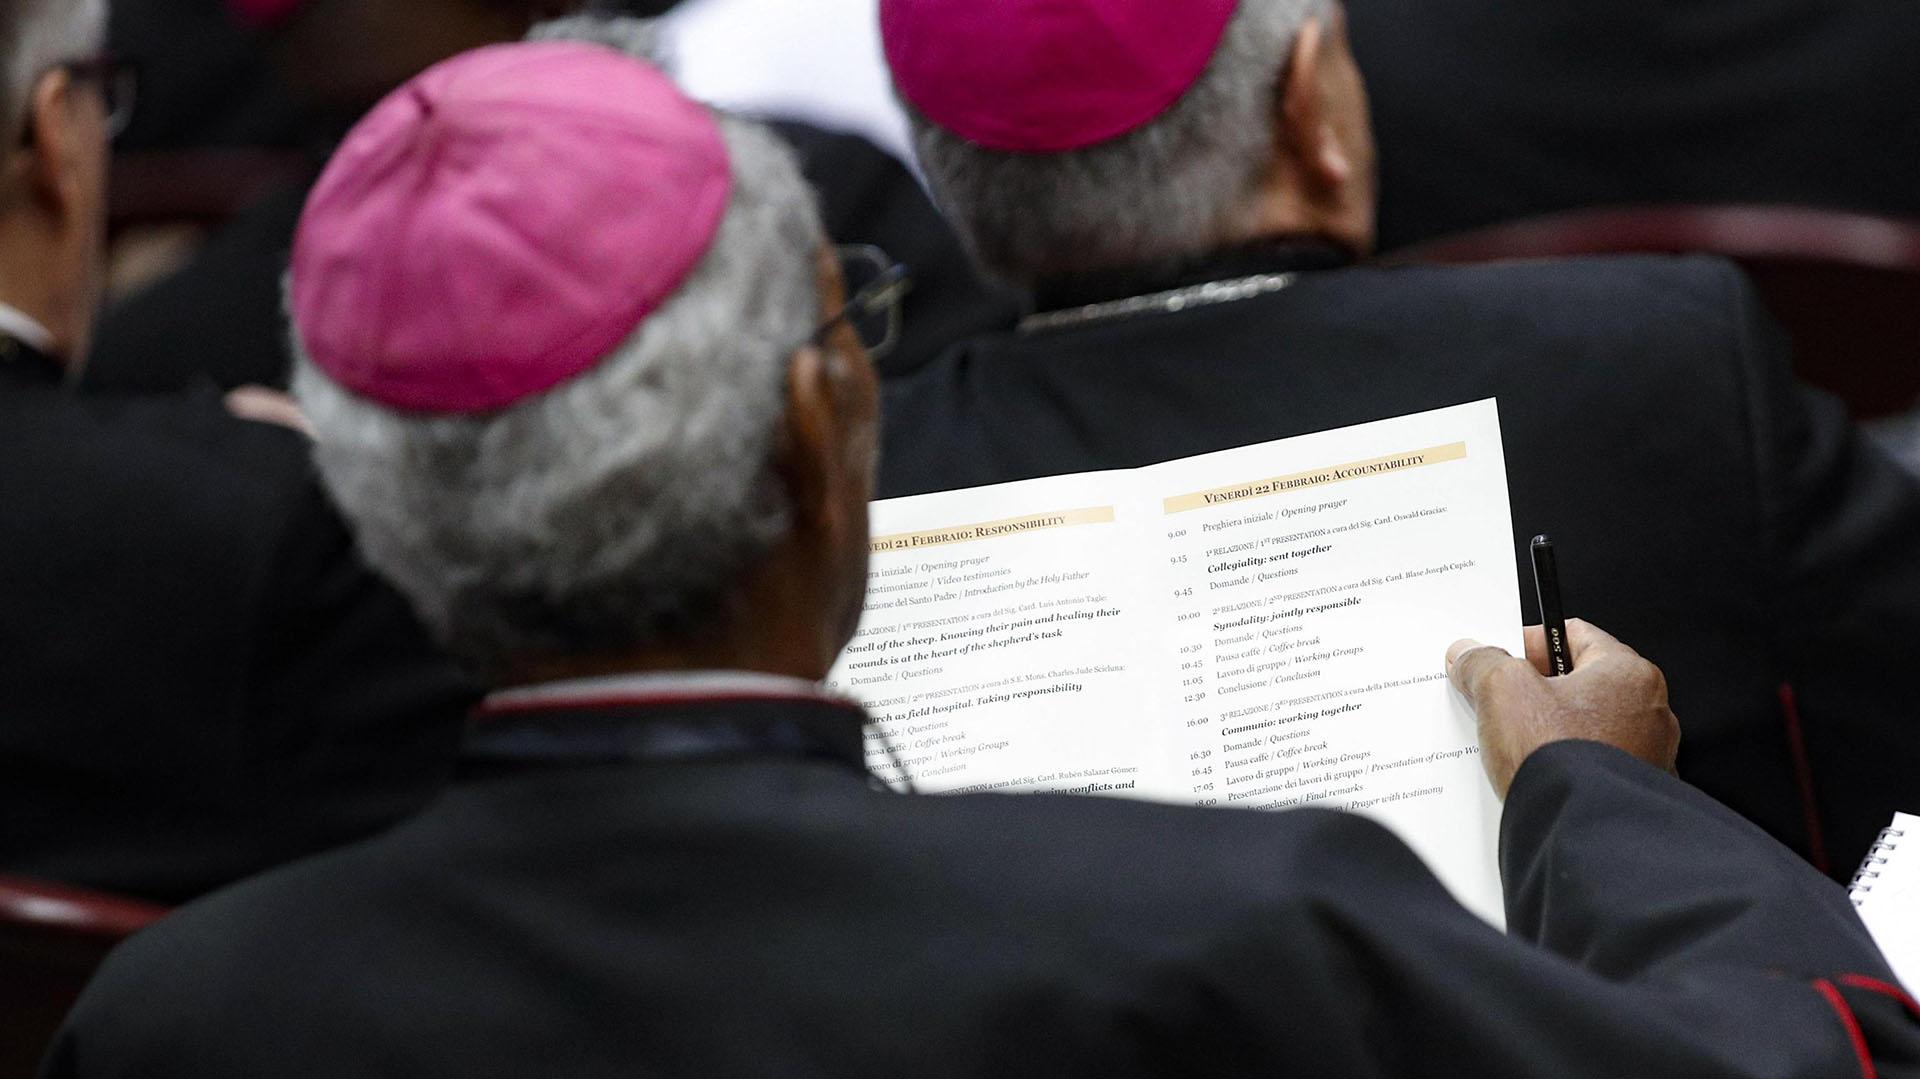 Un obispo lee el programa del día (Photo by GIUSEPPE LAMI / POOL / AFP)